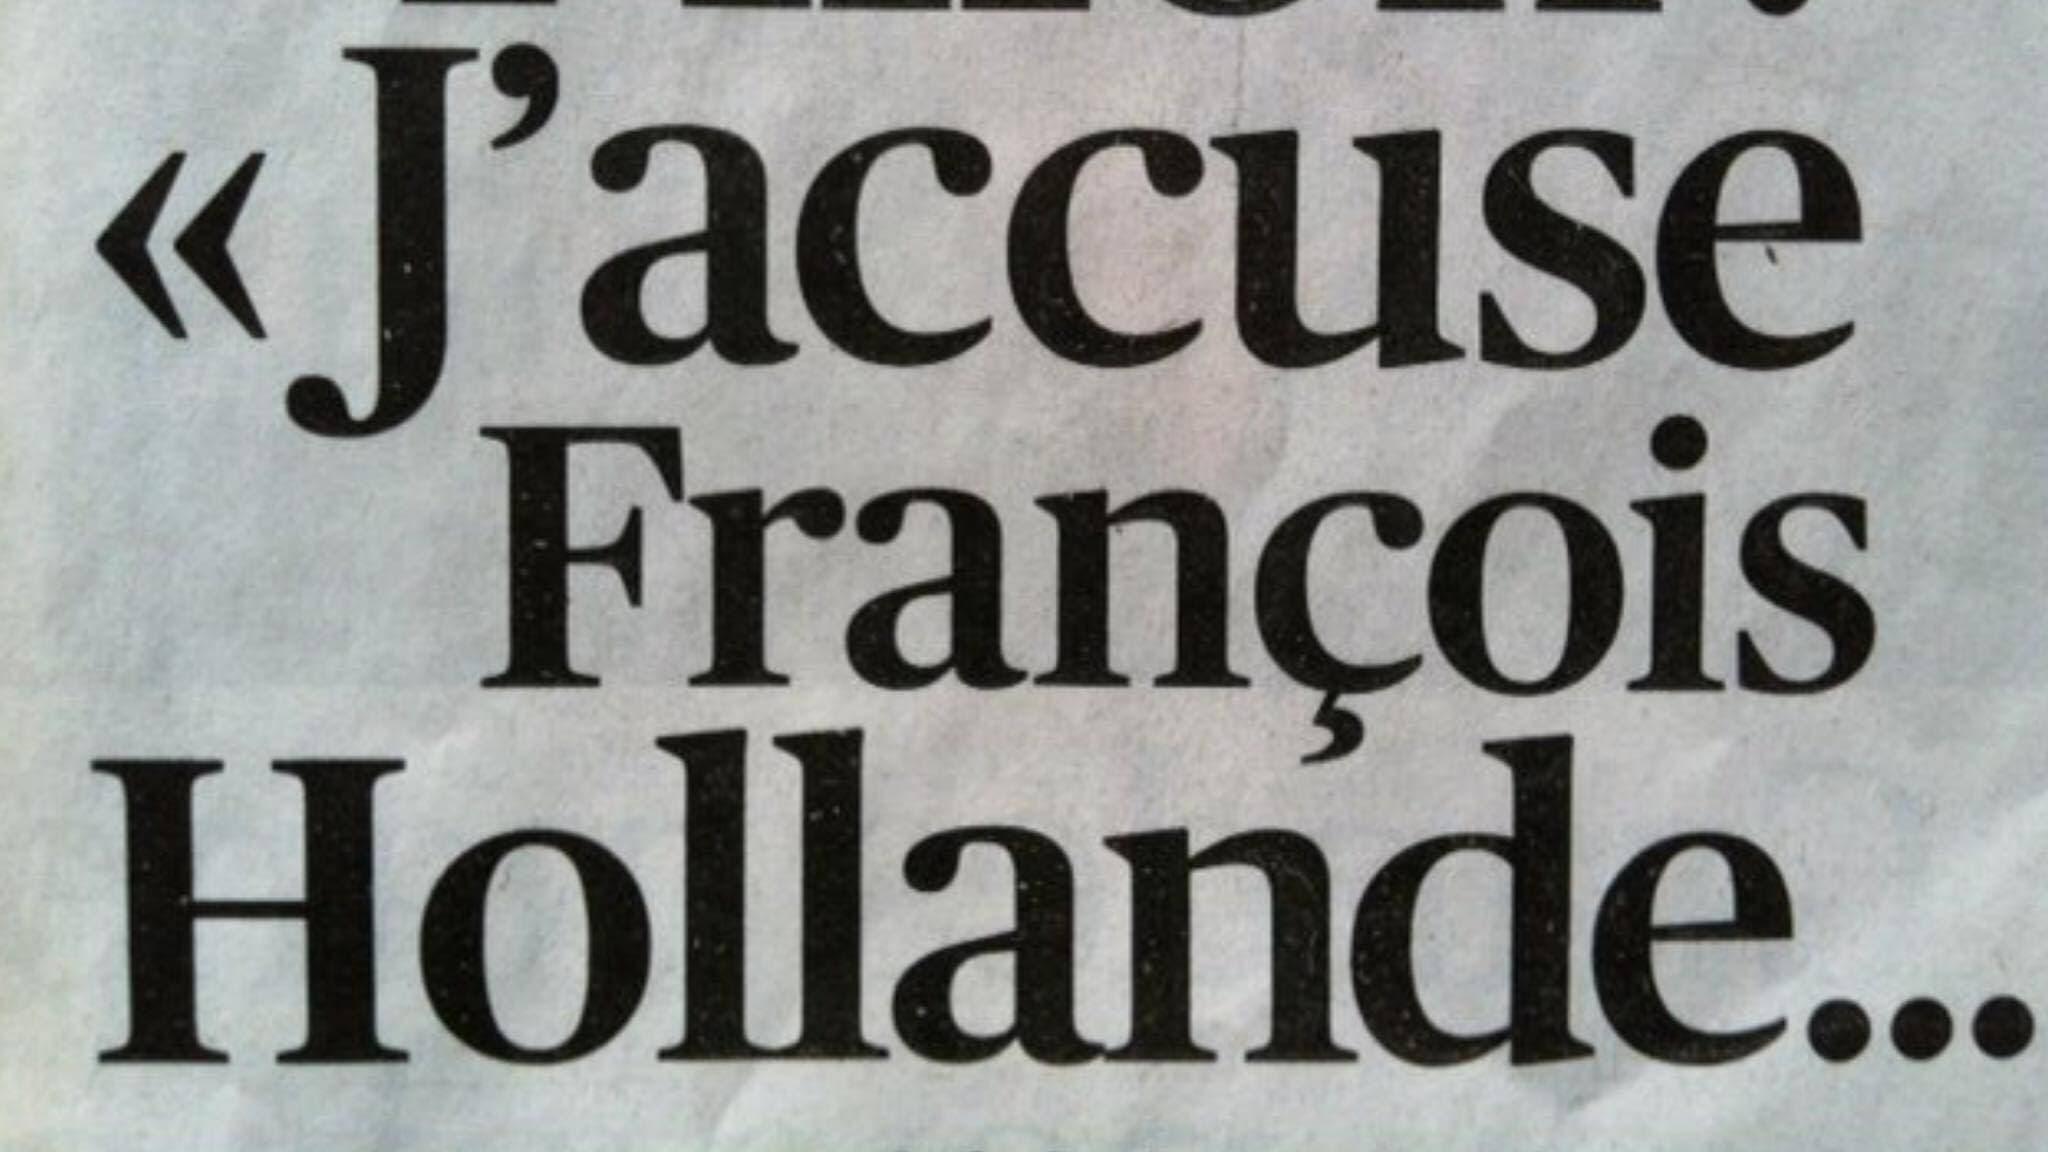 j'accuse hollande